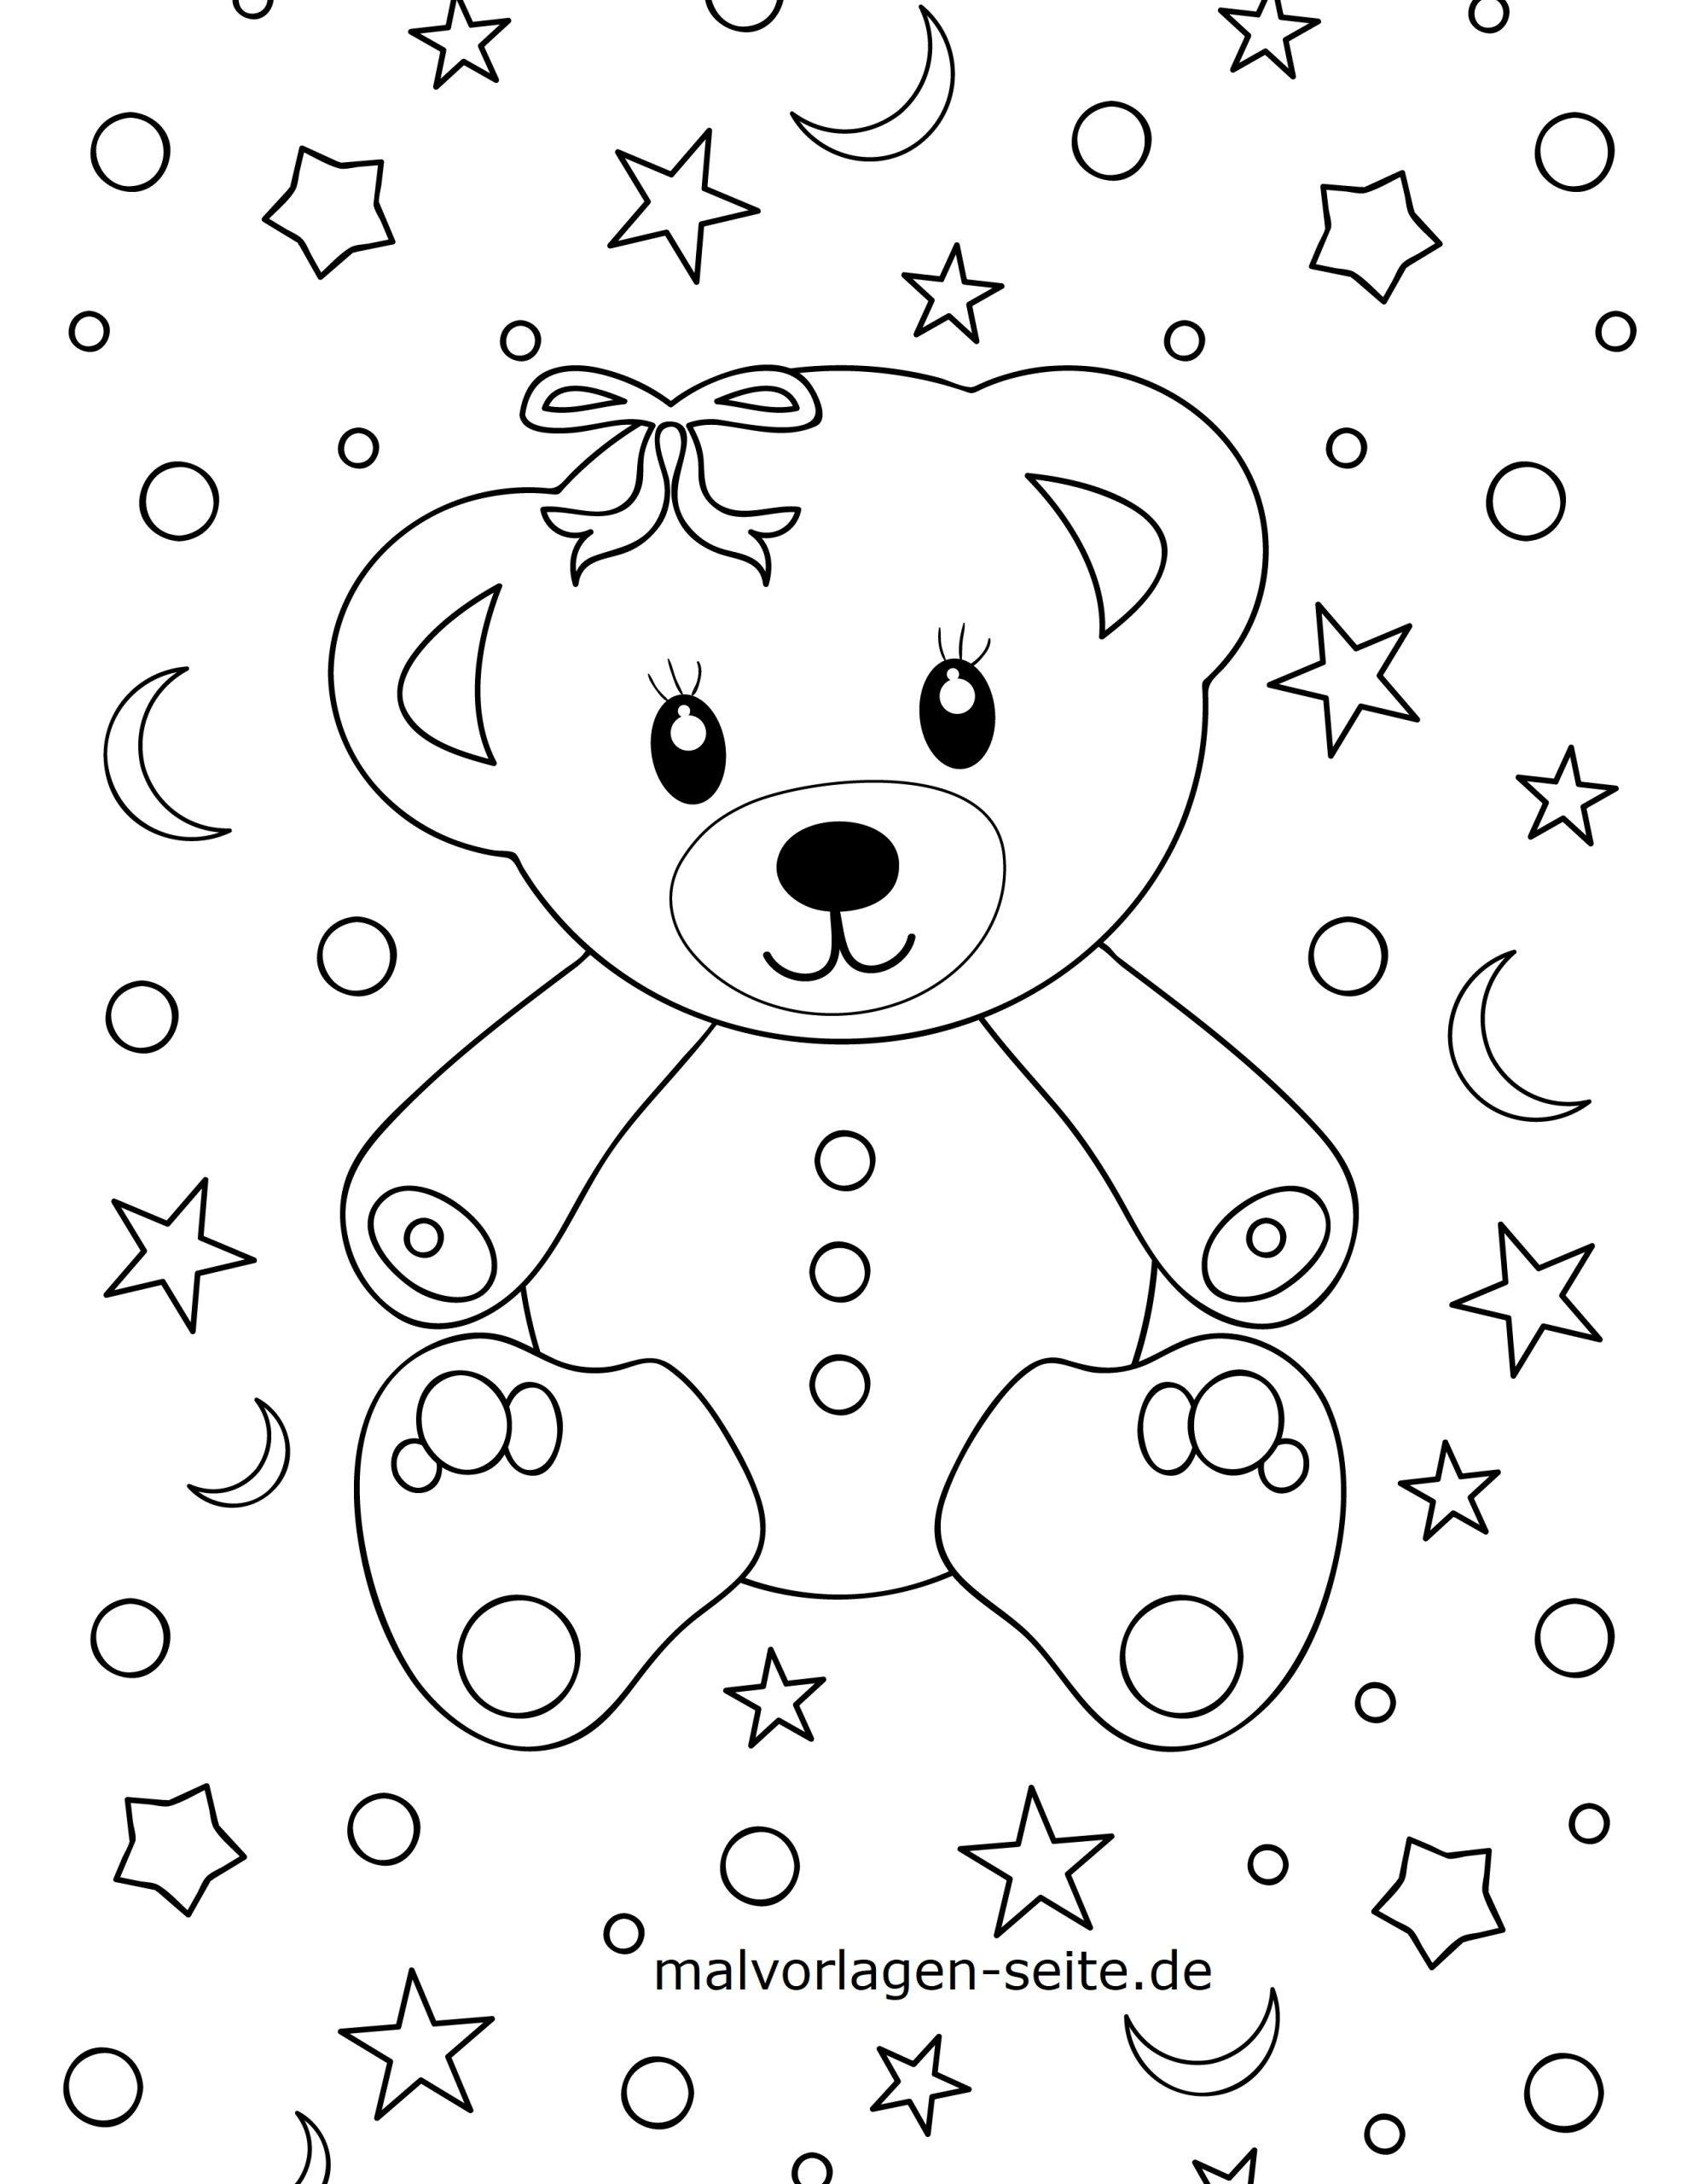 Malvorlage Kleine Kinder - Bär - Ausmalbilder Kostenlos bei Bär Zum Ausmalen